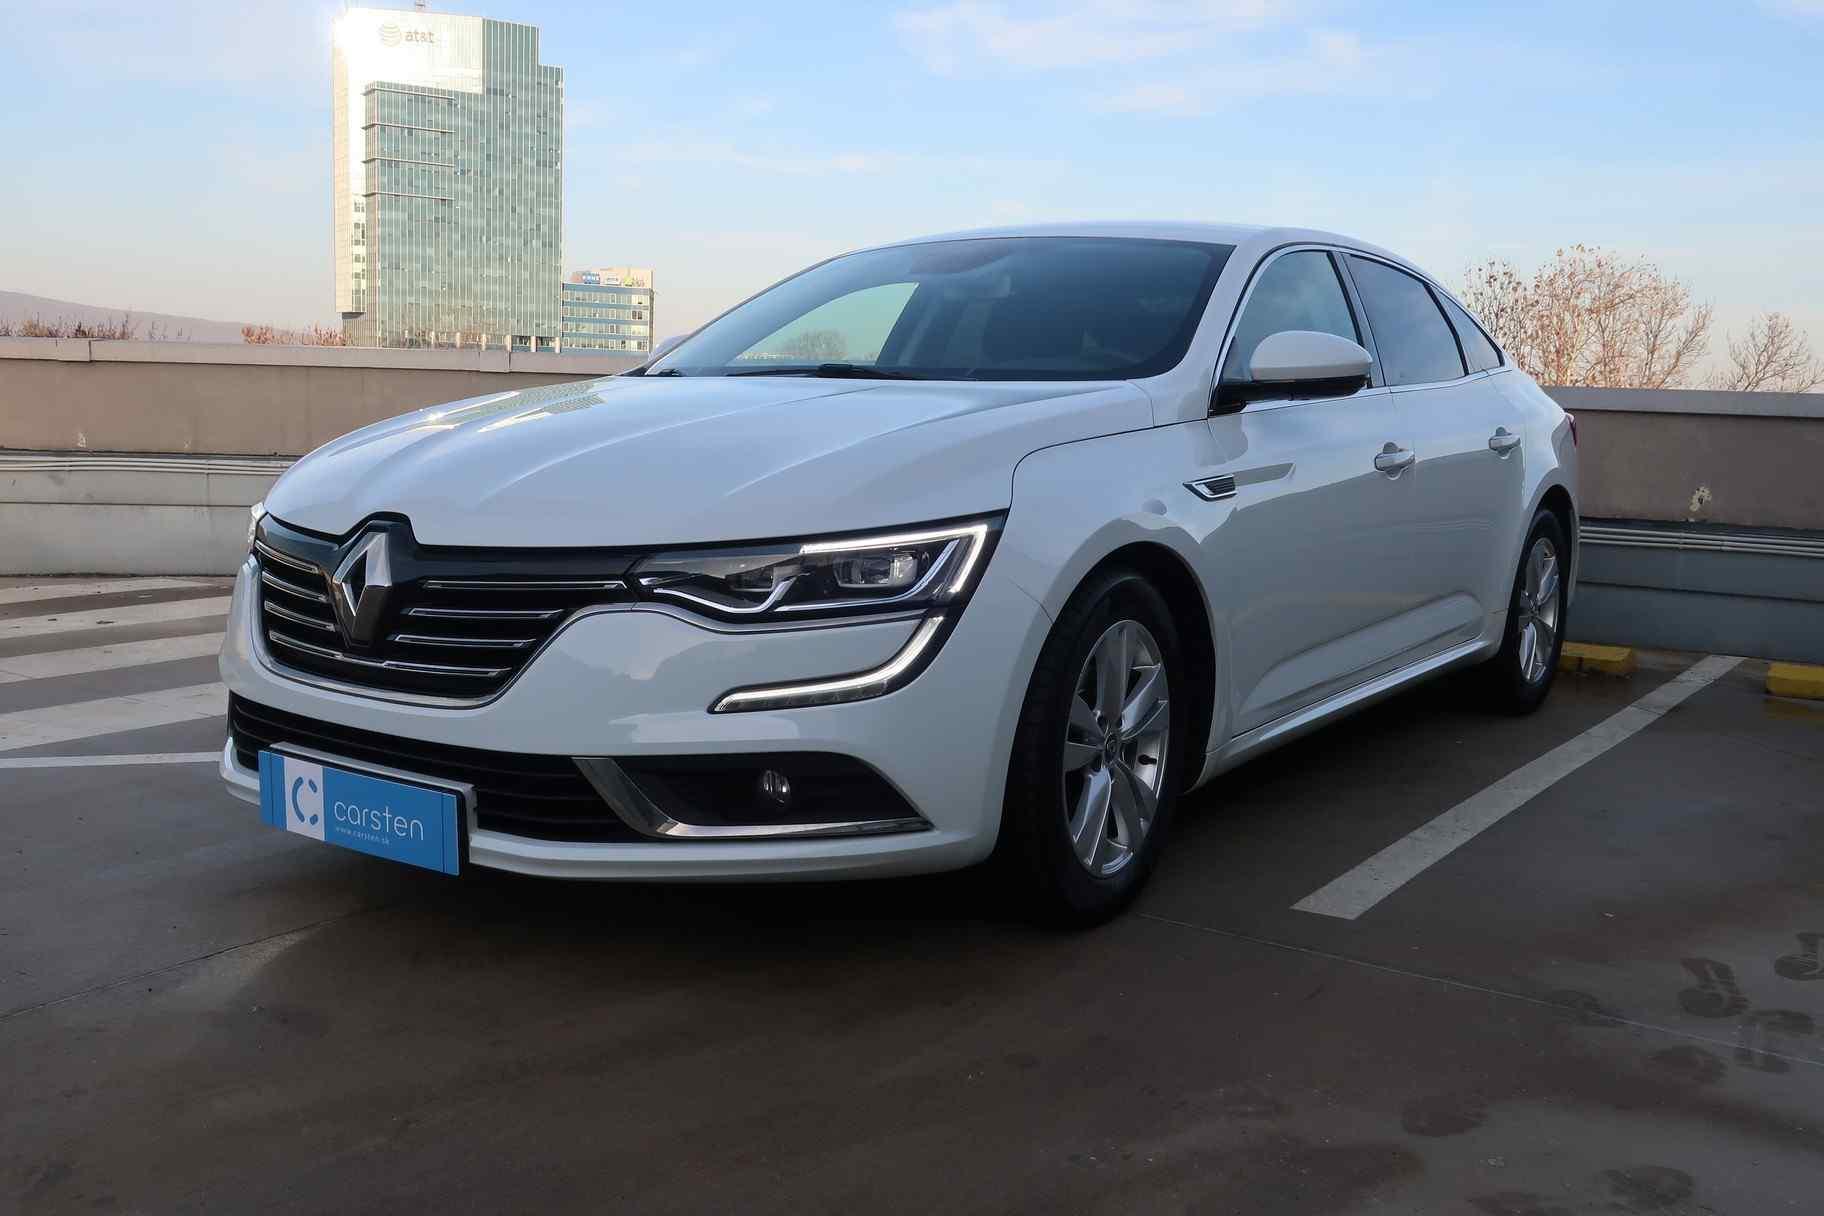 Renault Talisman 1.6 dCi 130 Zen